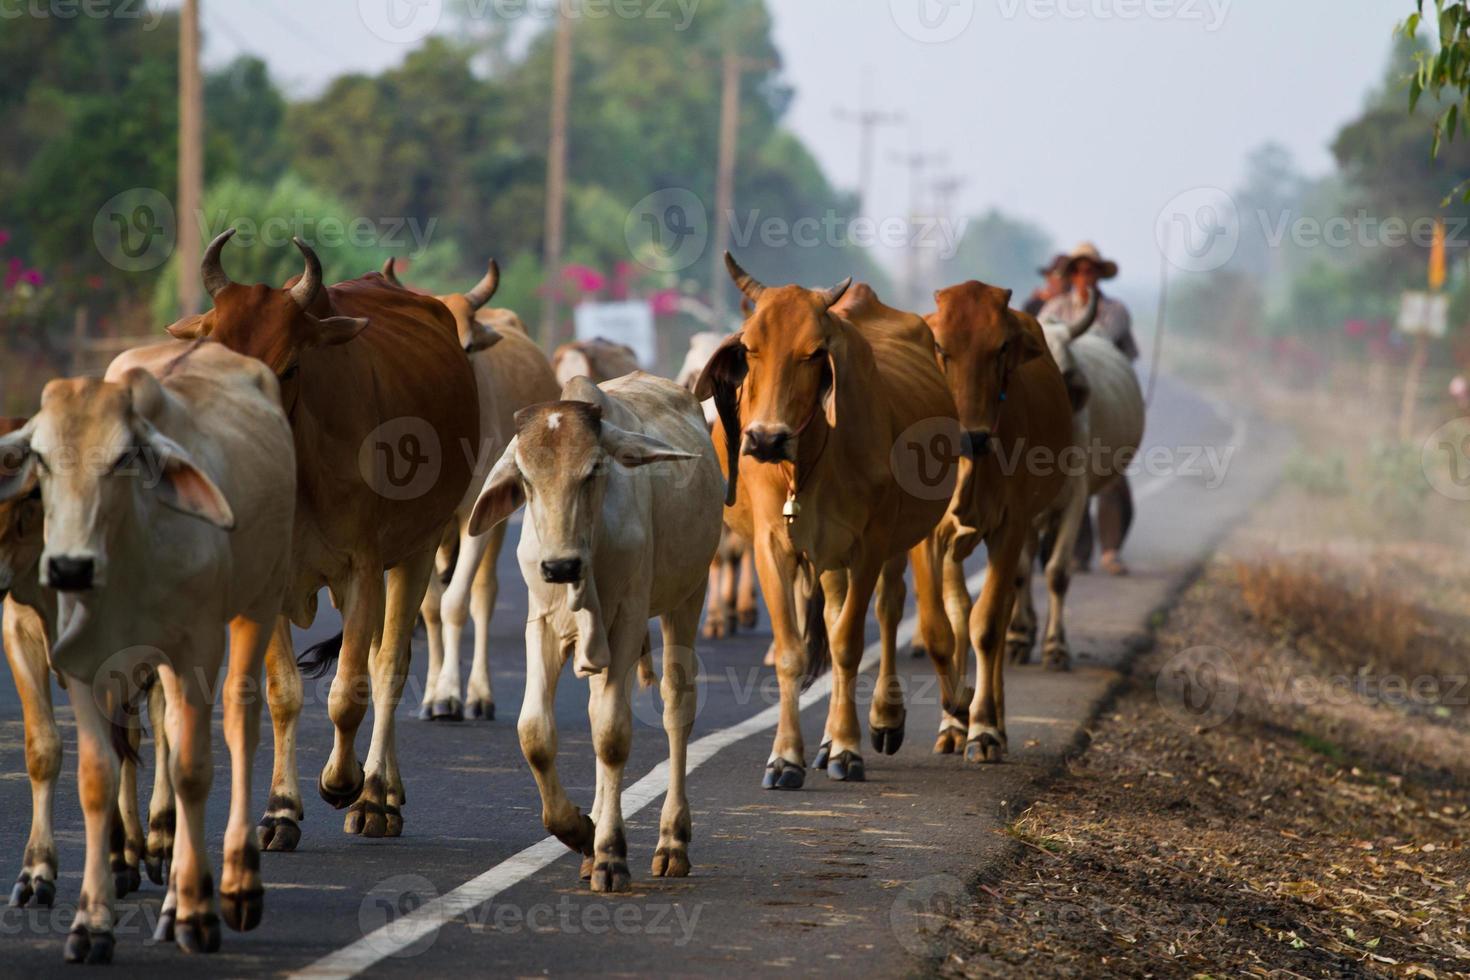 manier van leven platteland in thailand foto